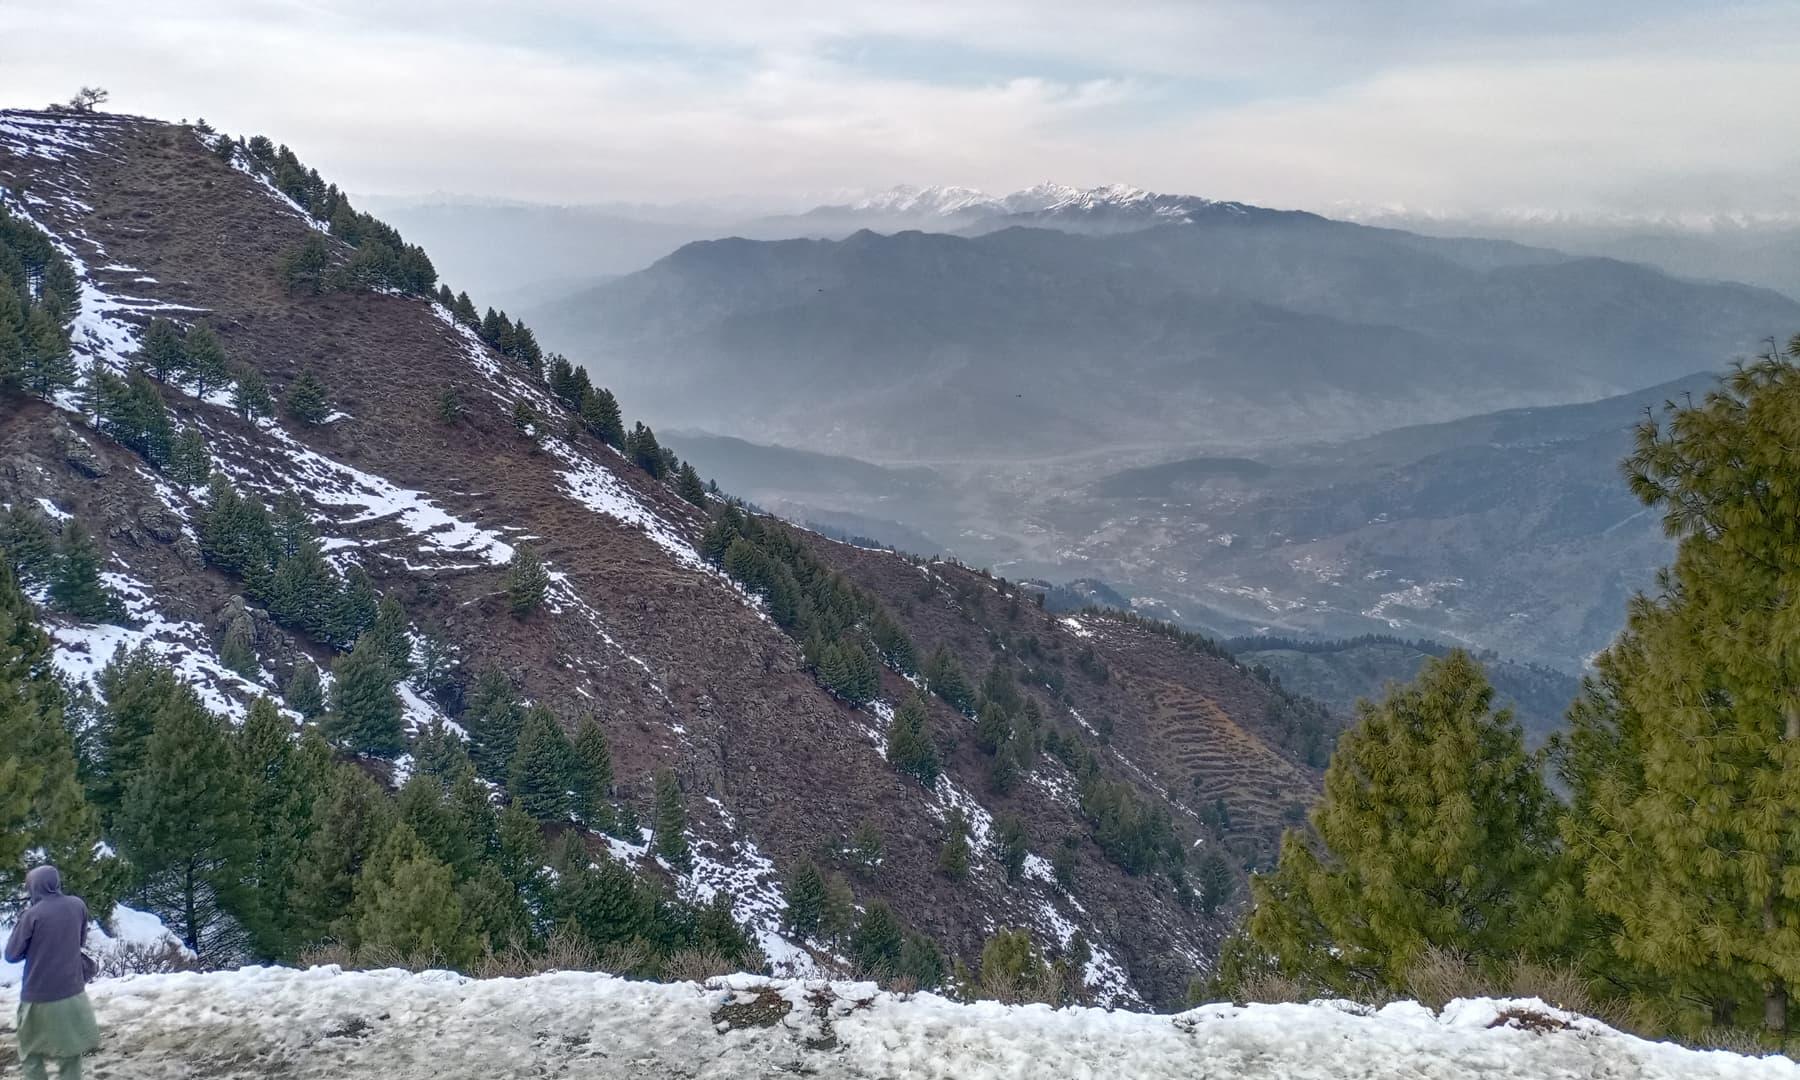 ٹاپ سے چترال اور افغانستان کی برف پوش پہاڑی سلسلے کا خوبصورت منظر—عظمت اکبر